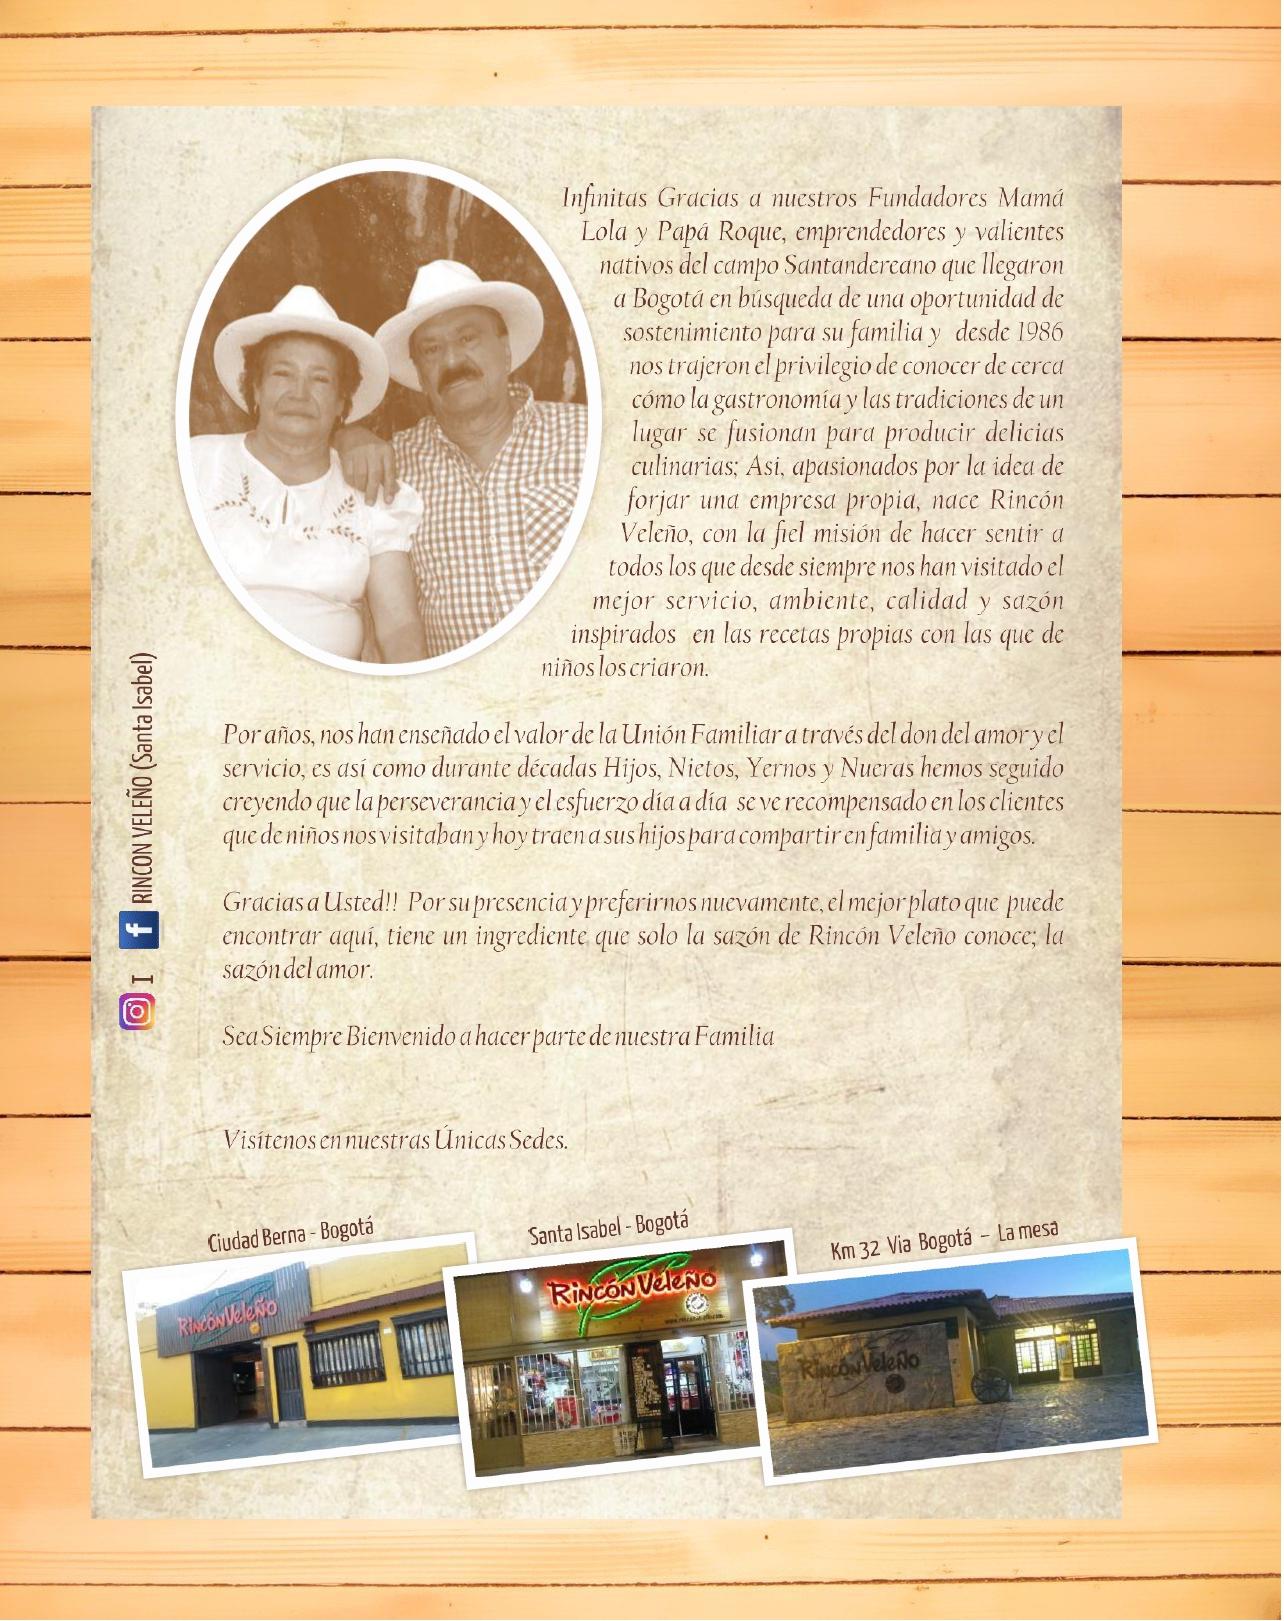 Menu-Rincon-Veleño-Precios-diciembre-2020_page-0011